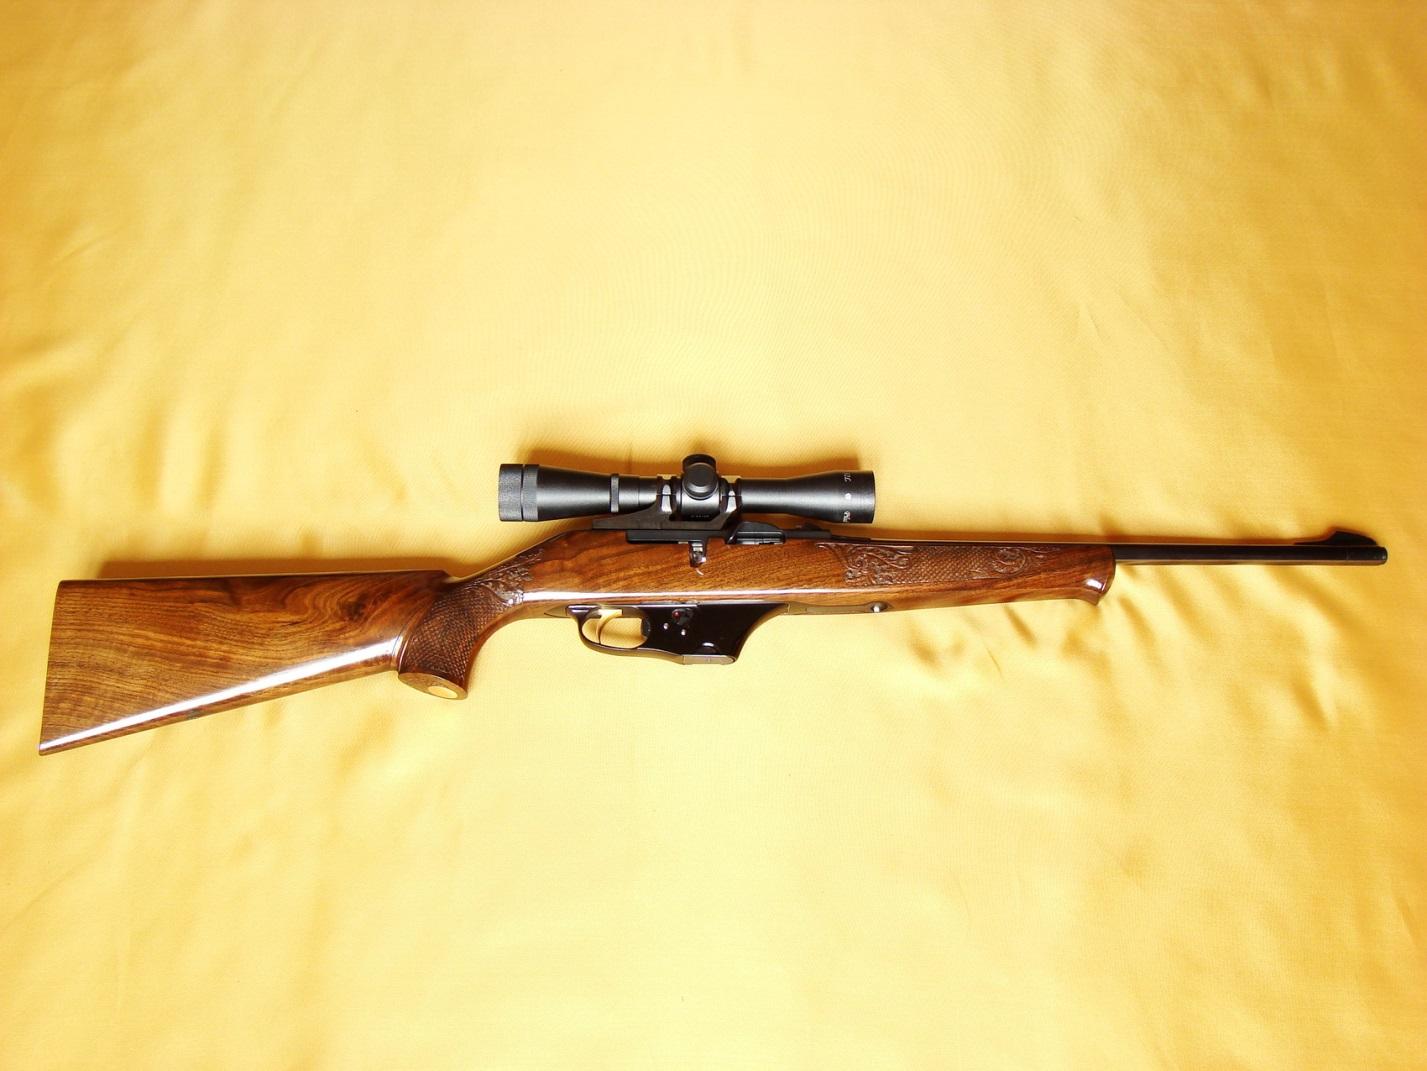 нарезное охотничье оружие российского производства